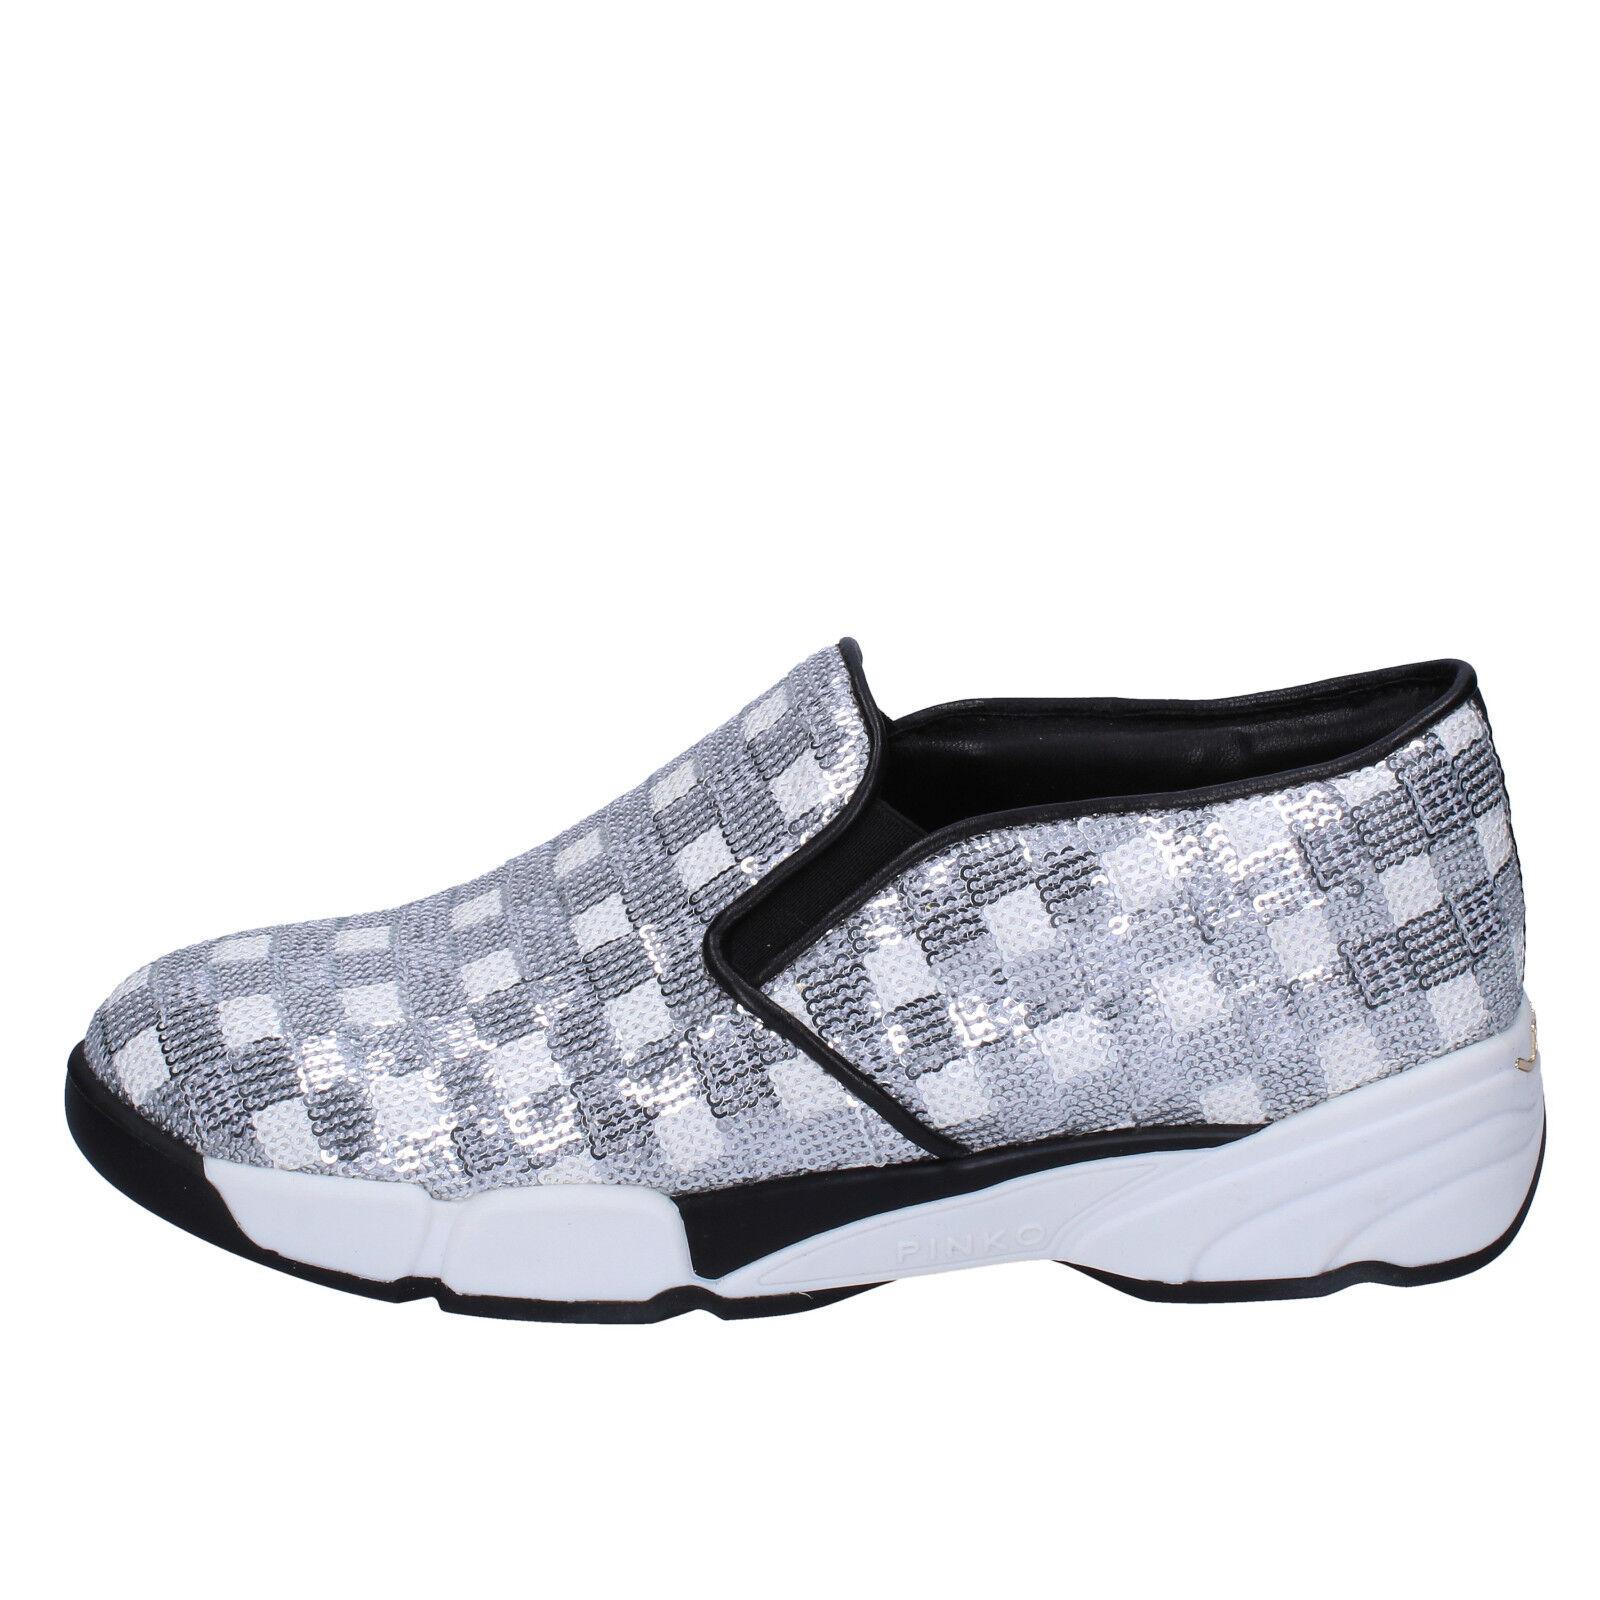 in vendita online Scarpe DA DONNA rosaO rosaO rosaO 3 (EU 36) Infilare Bianco argentoo Paillettes BT251-36  la migliore moda